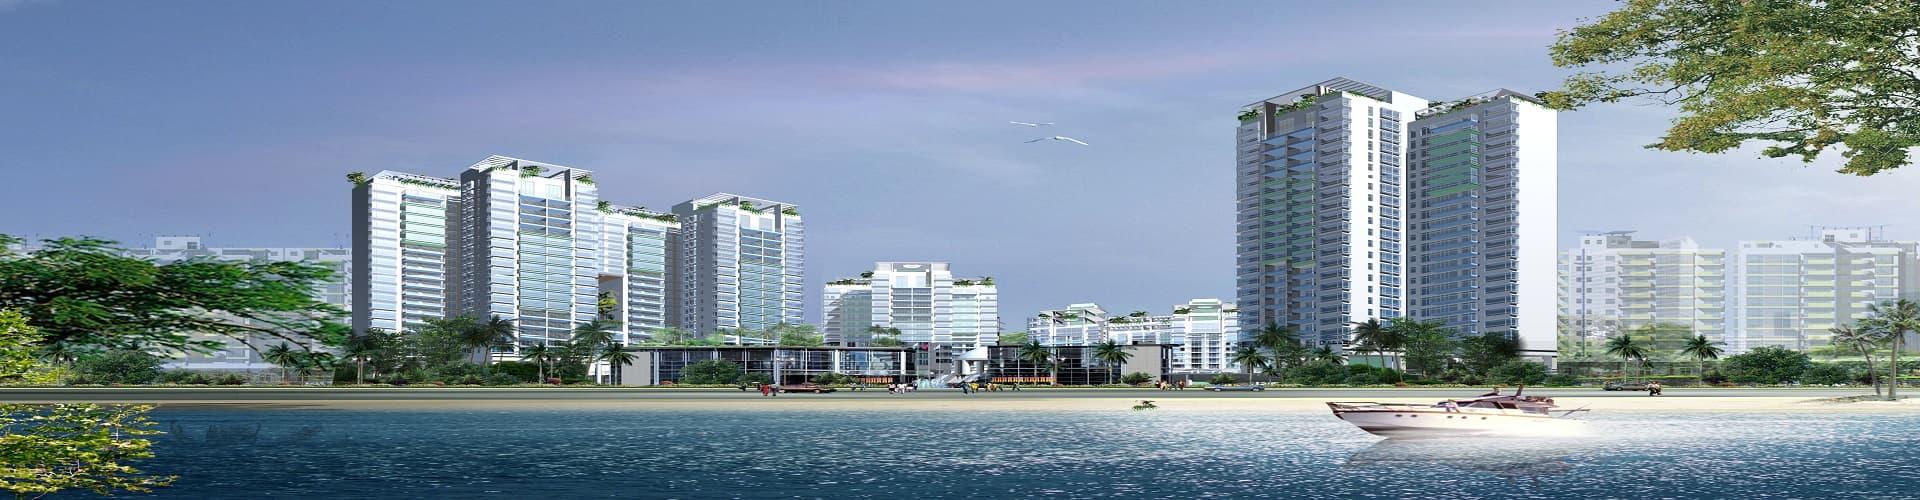 Khách sạn view biển Bình Sơn Ninh Chử